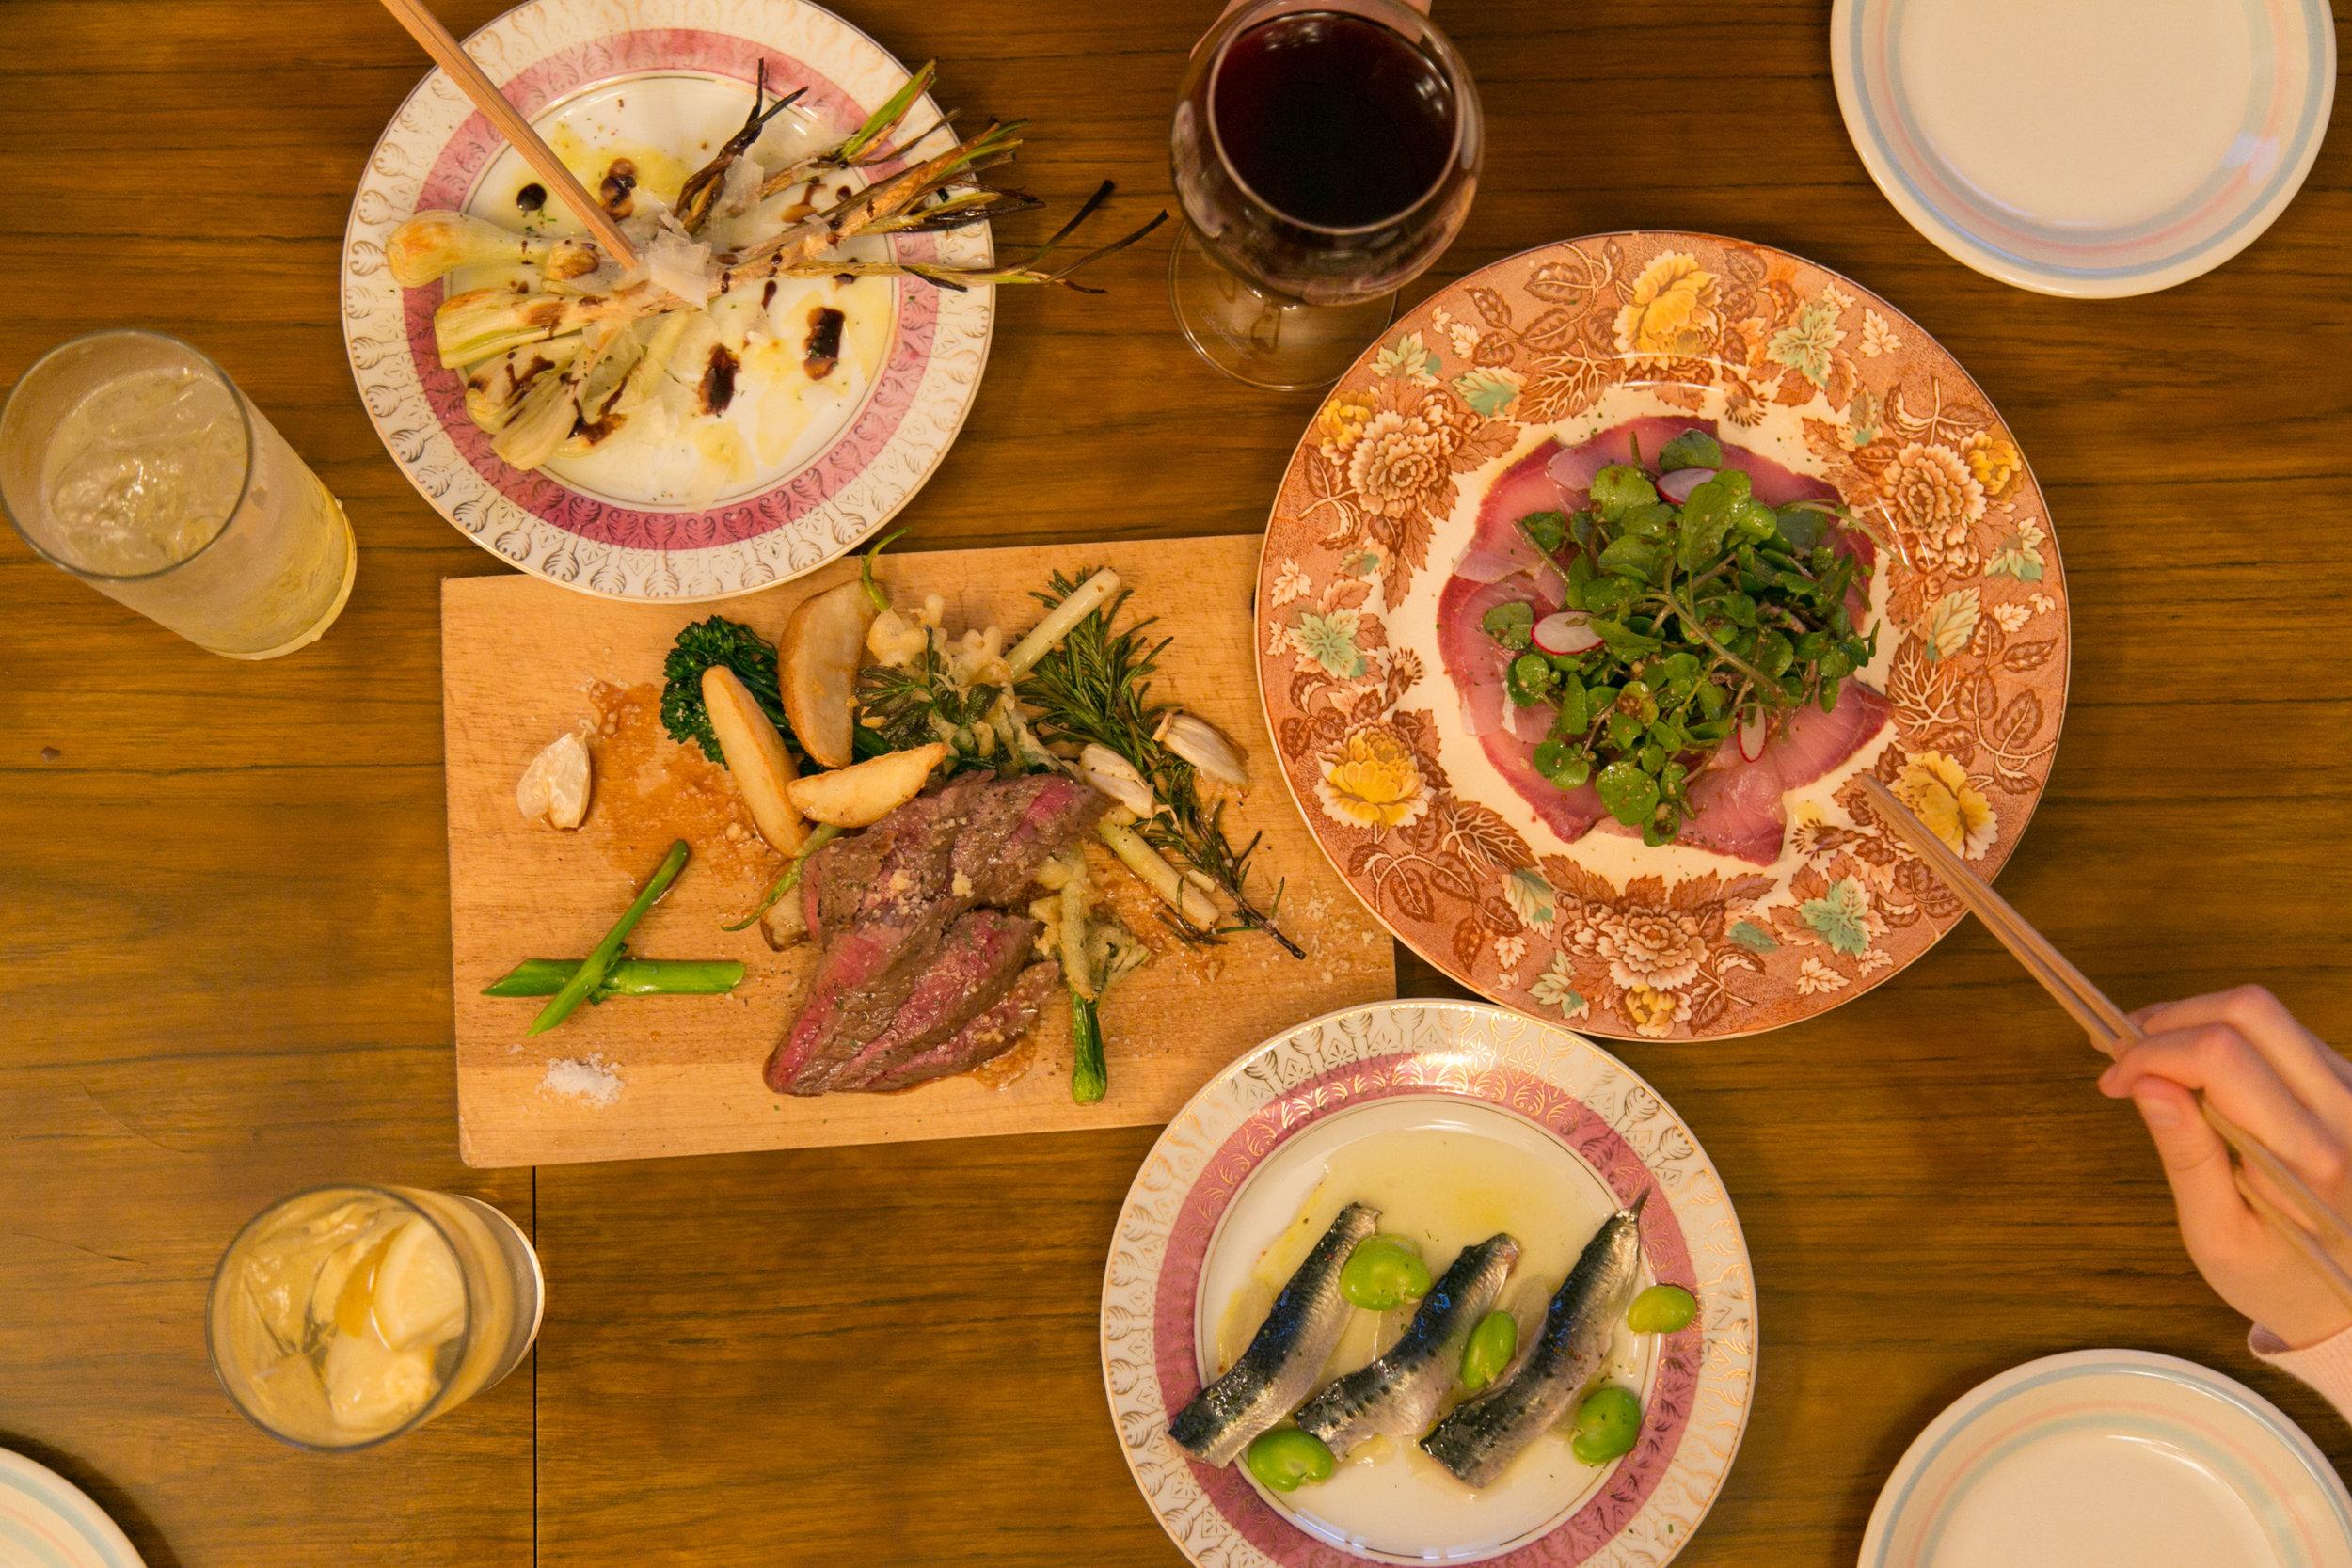 「夕食堂」の彩り鮮やかな料理